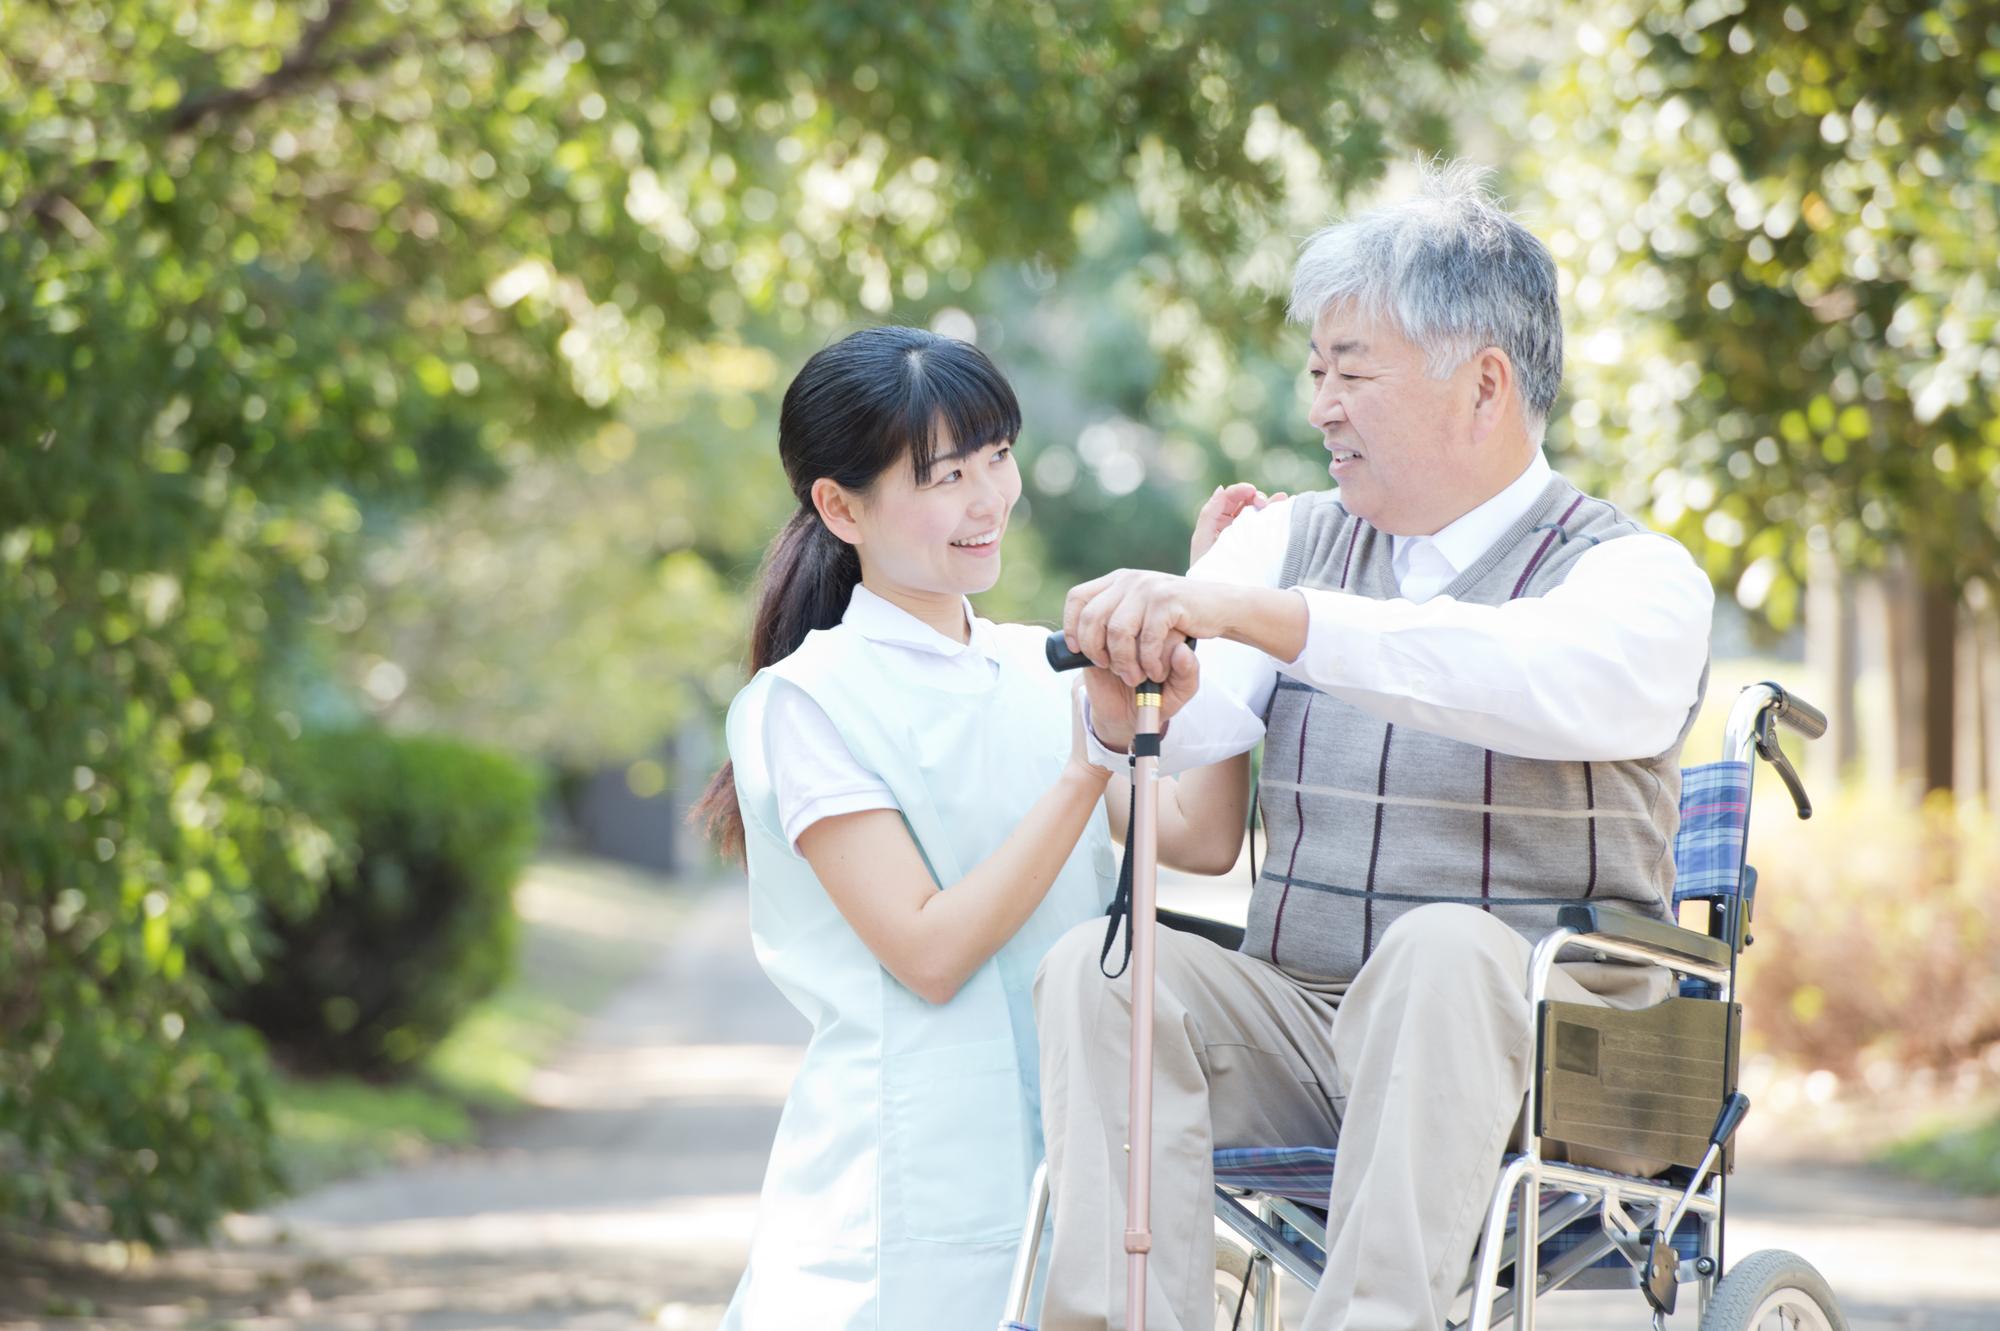 アイキャッチ:認知症介護を支援する福祉用具を選定する際のポイントは?